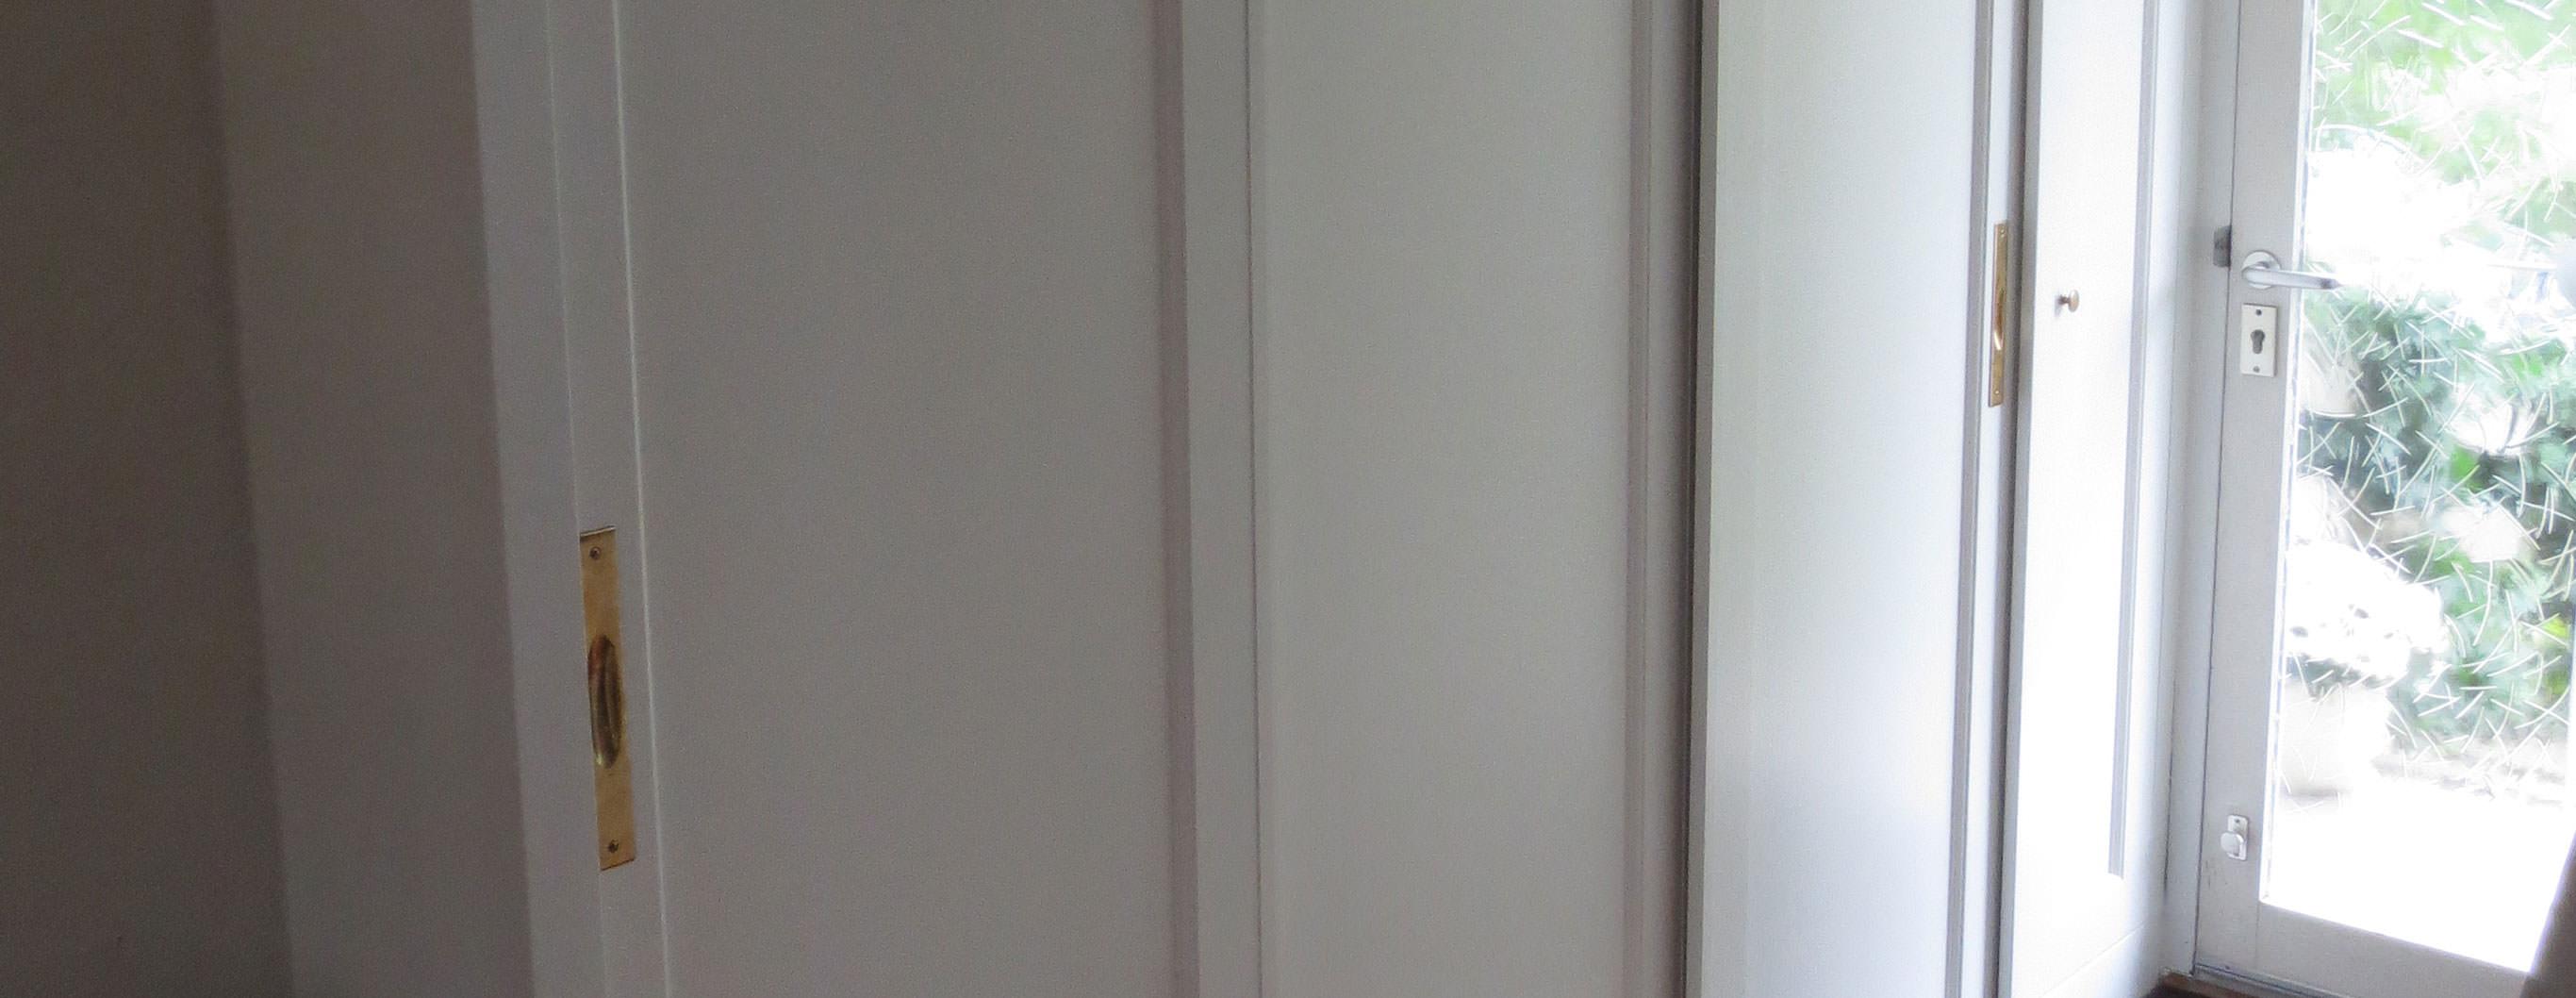 kledingkast met schuifdeuren marktplaats: kast met schuifdeuren, Deco ideeën